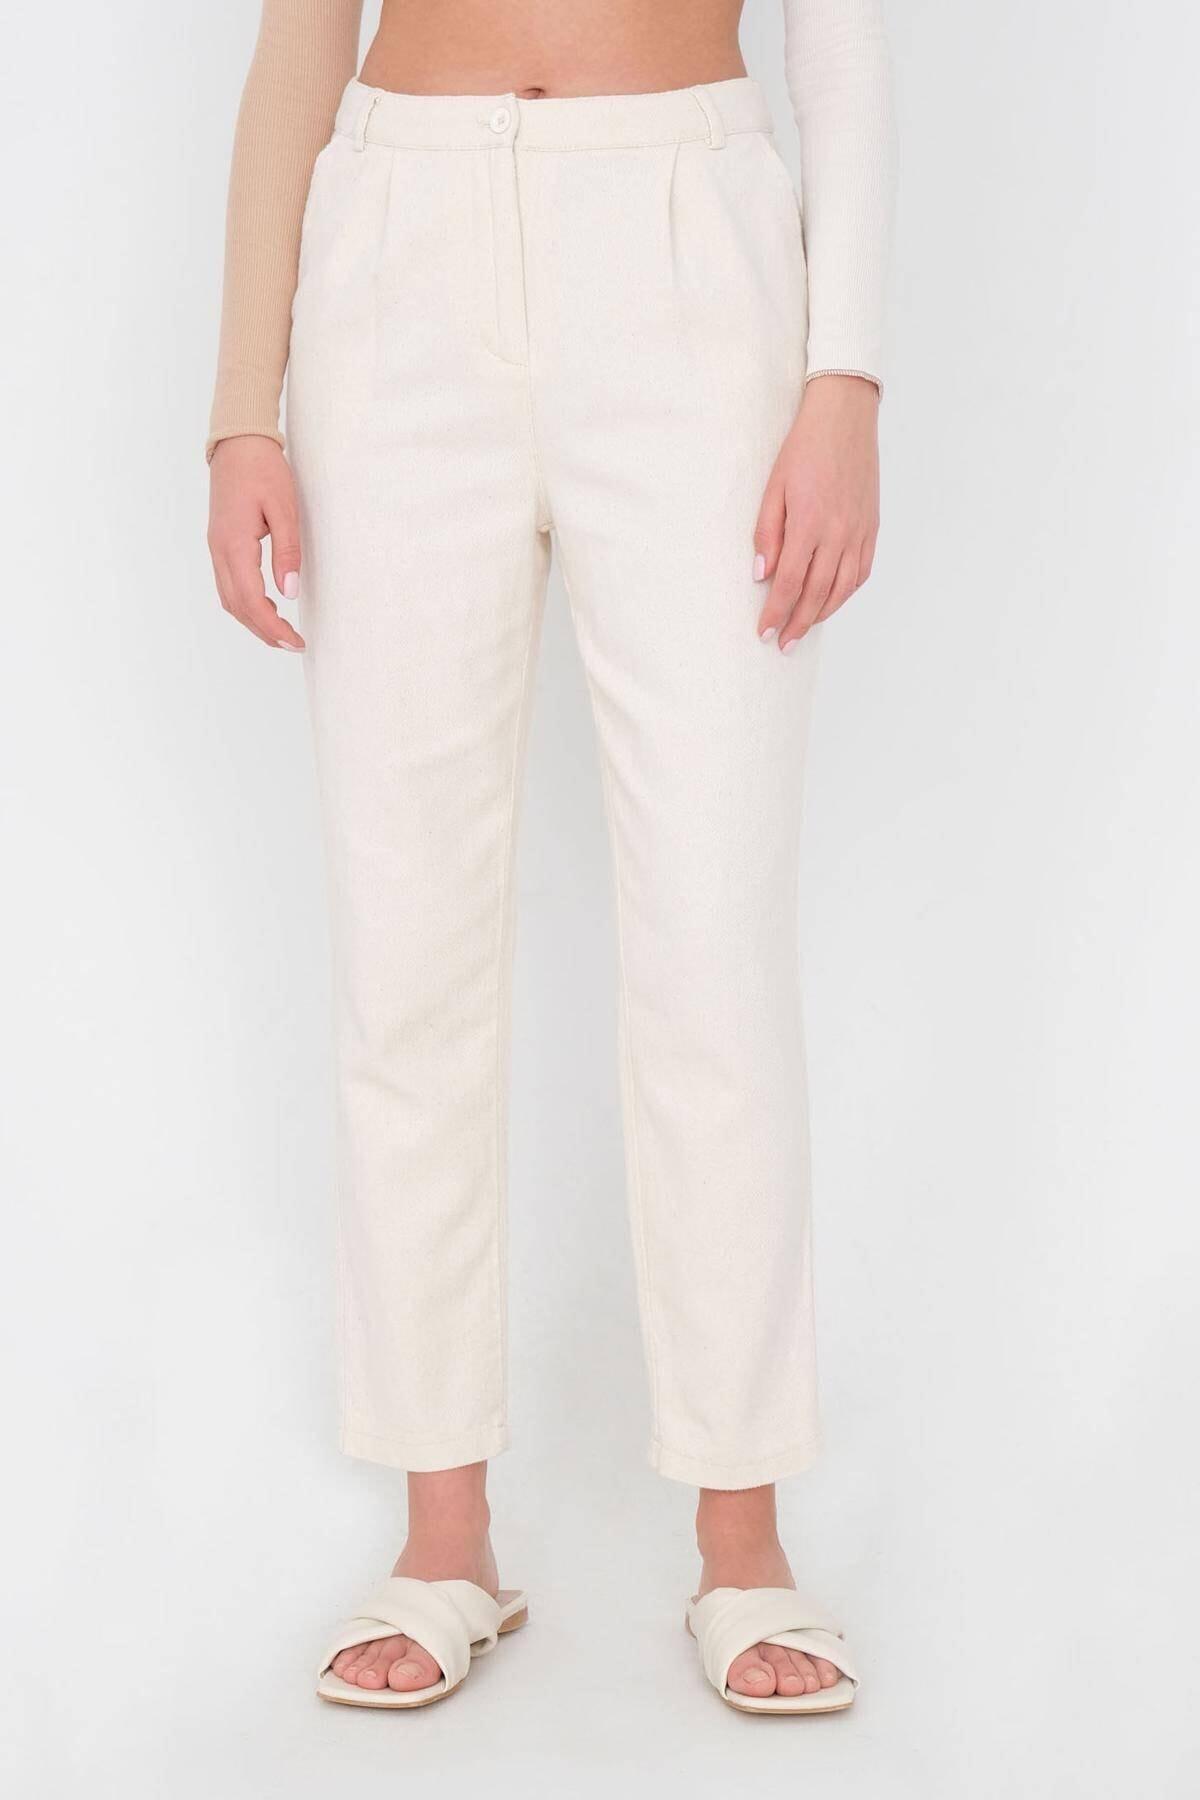 Addax Kadın Taş Cep Detaylı Pantolon Pn03-0045 - K12 Adx-0000024274 1